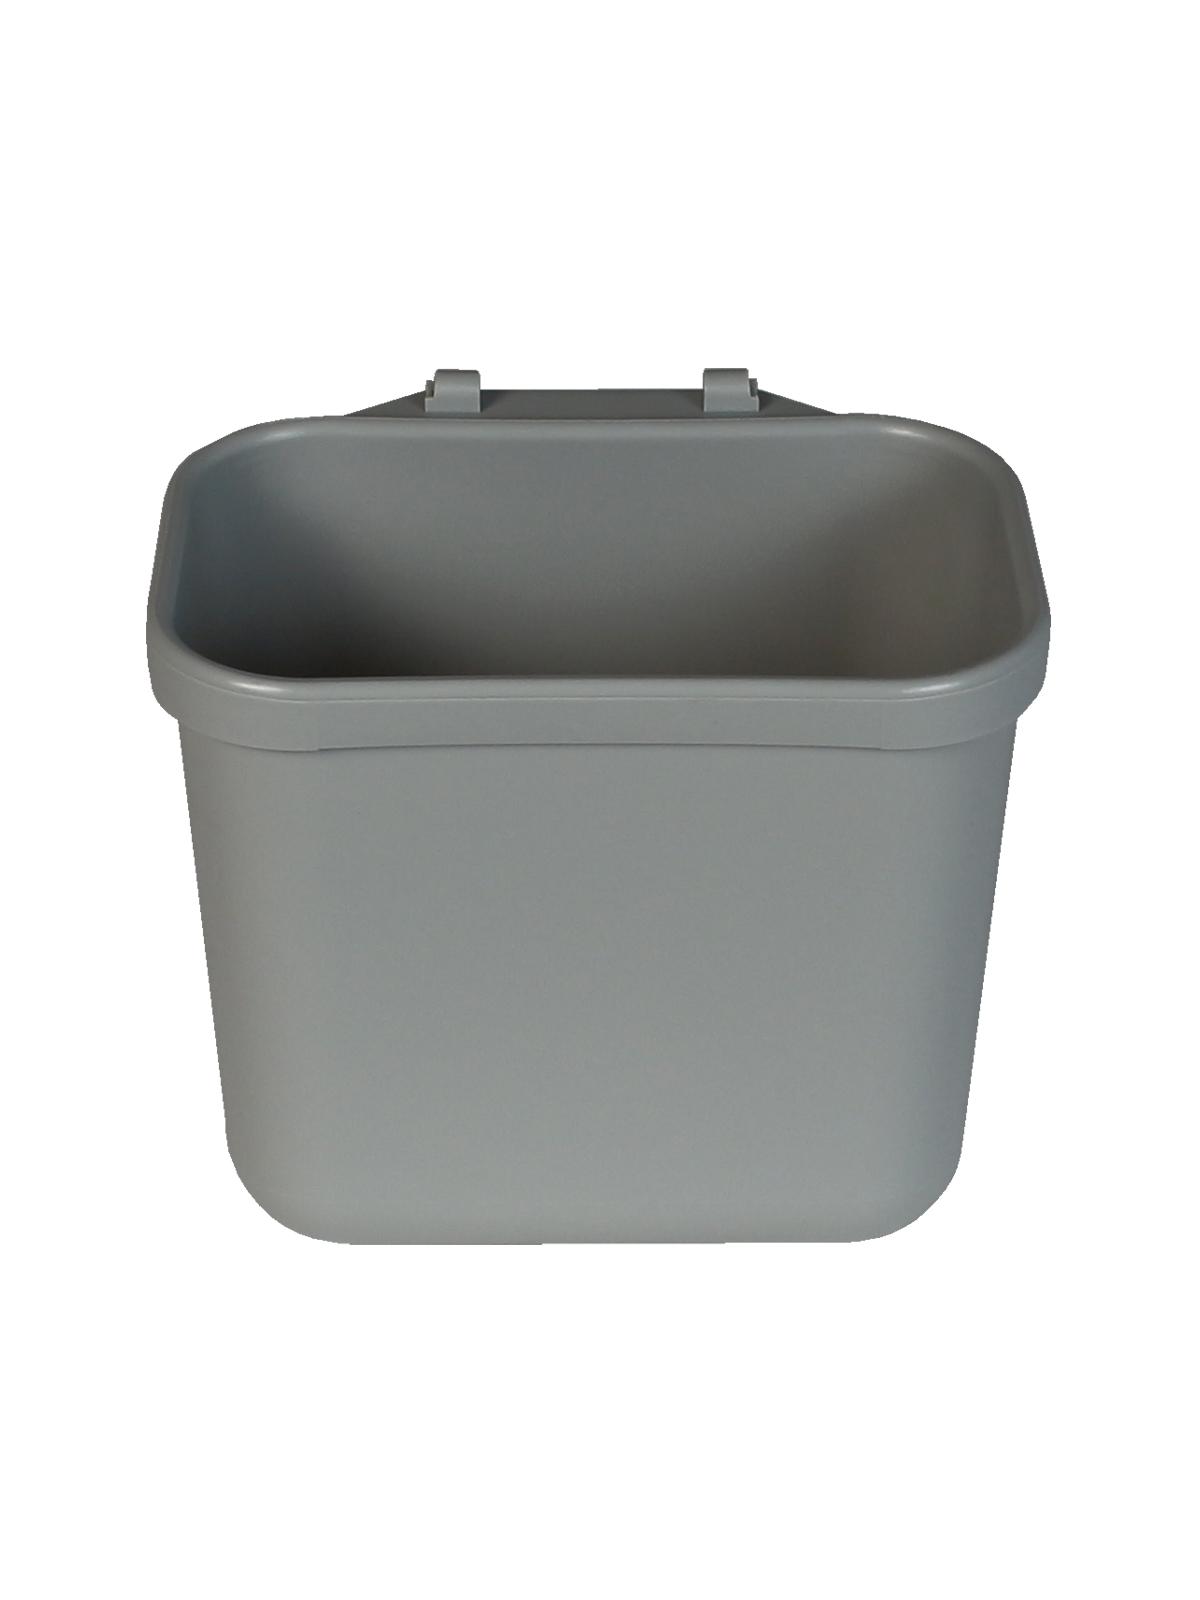 HANGING WASTE BASKET - Body - Executive Grey